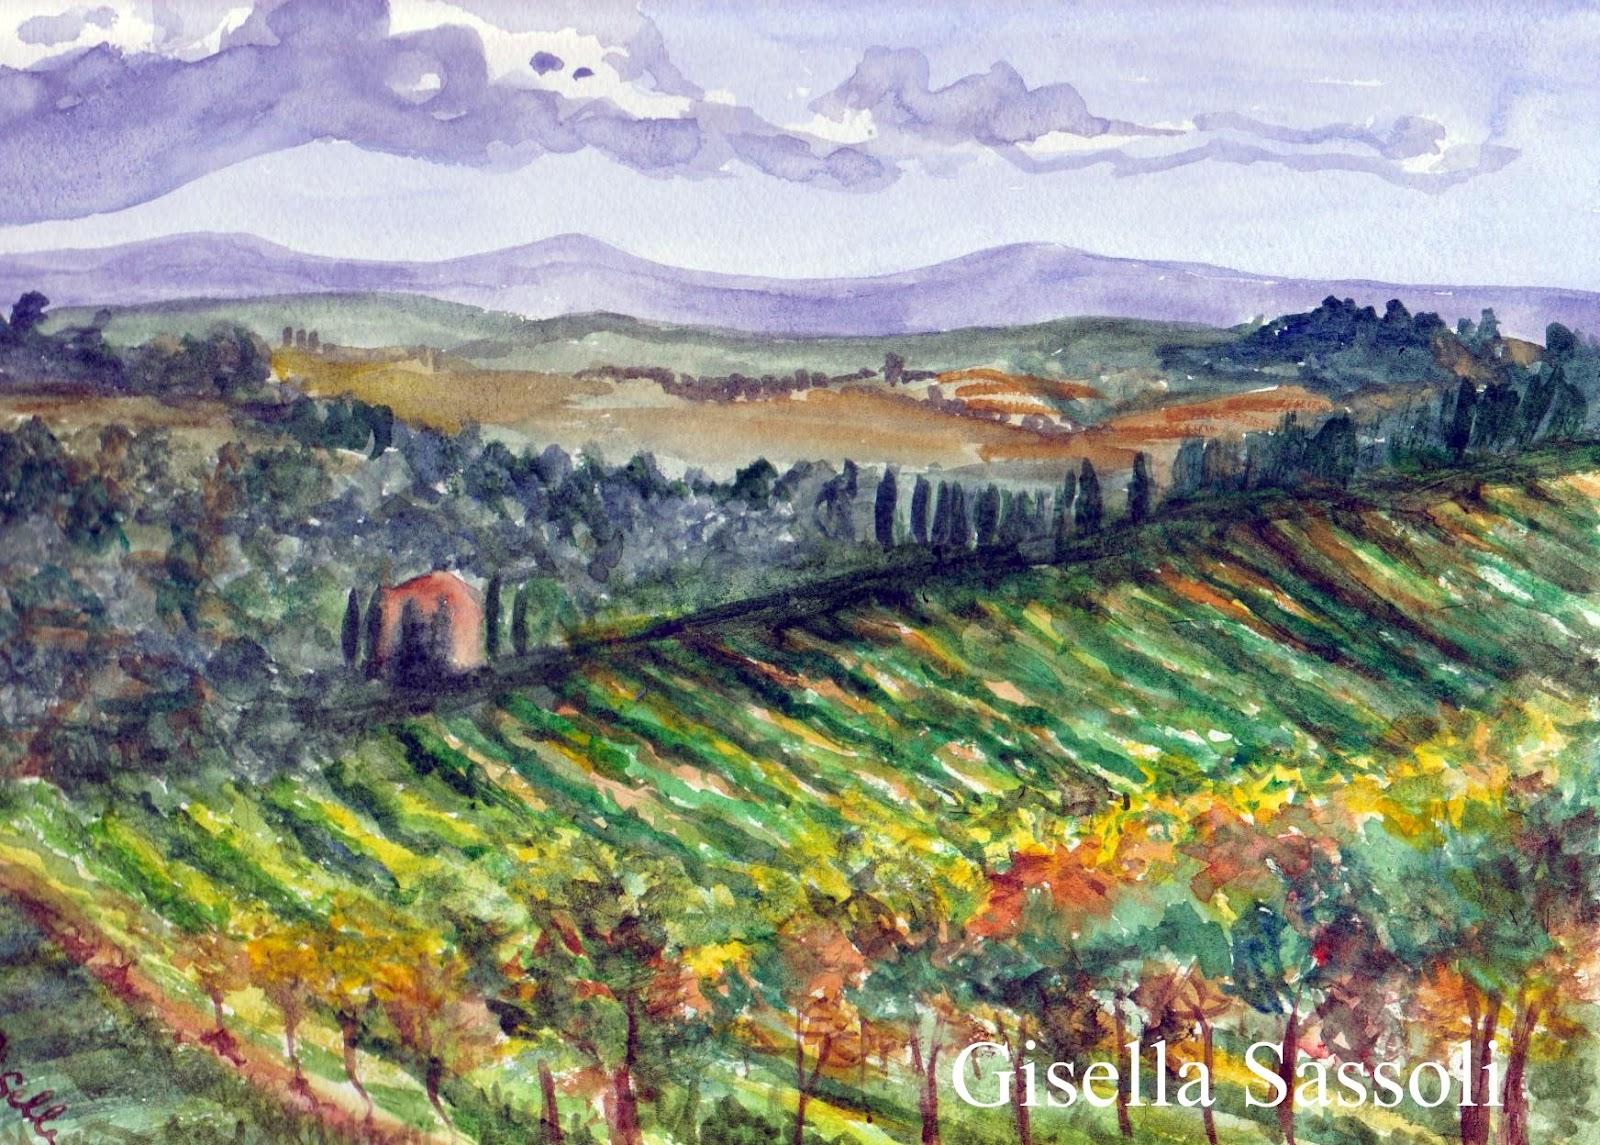 Gisella sassoli acquerelli novembre 2011 for Semplici paesaggi